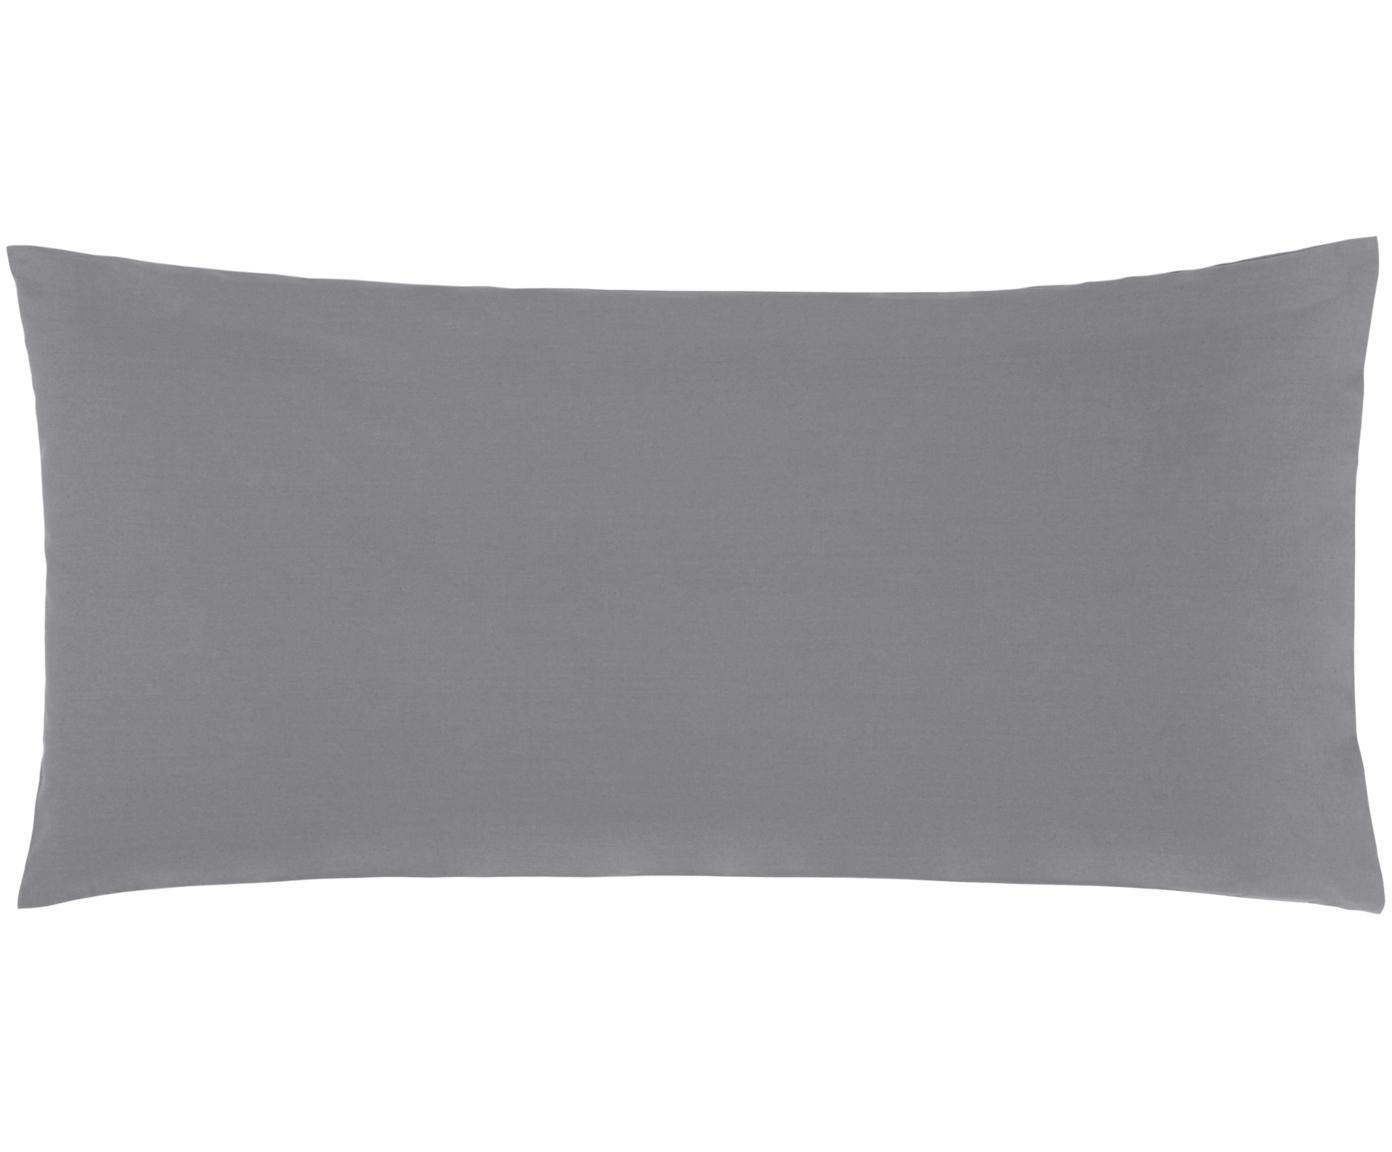 Poszewka na poduszkę z perkalu Elsie, 2 szt., Ciemny szary, S 40 x D 80 cm